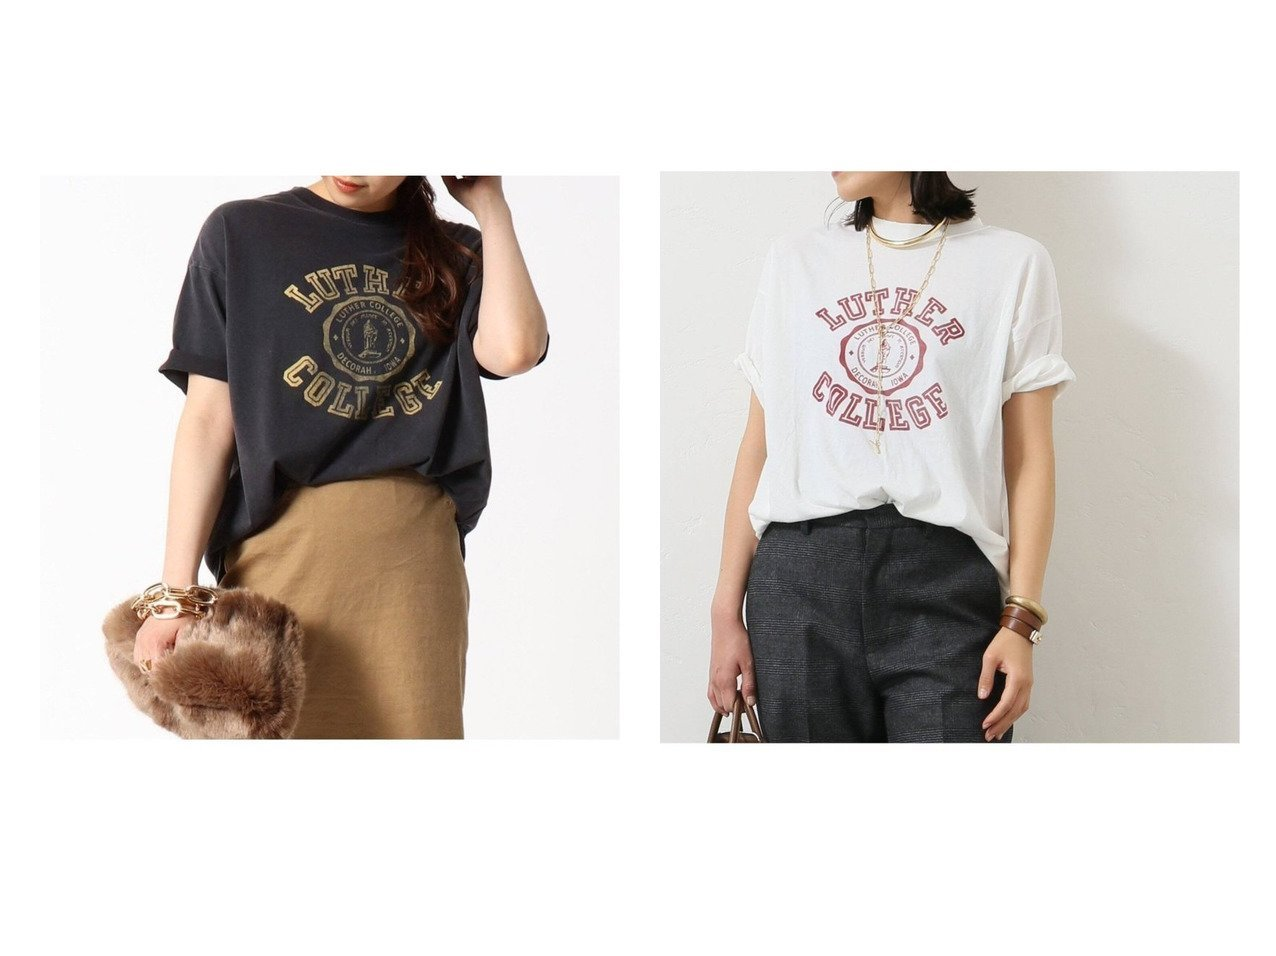 【AP STUDIO/エーピーストゥディオ】の【アールジュビリー】 別注 LUTHER COLLEGE Tシャツ 別注・限定・コラボなど、 おすすめ!人気、トレンド・レディースファッションの通販  おすすめで人気の流行・トレンド、ファッションの通販商品 インテリア・家具・メンズファッション・キッズファッション・レディースファッション・服の通販 founy(ファニー) https://founy.com/ ファッション Fashion レディースファッション WOMEN トップス・カットソー Tops/Tshirt シャツ/ブラウス Shirts/Blouses ロング / Tシャツ T-Shirts カットソー Cut and Sewn カットソー スペシャル スリット プリント 別注 リラックス ルーズ NEW・新作・新着・新入荷 New Arrivals  ID:crp329100000063146